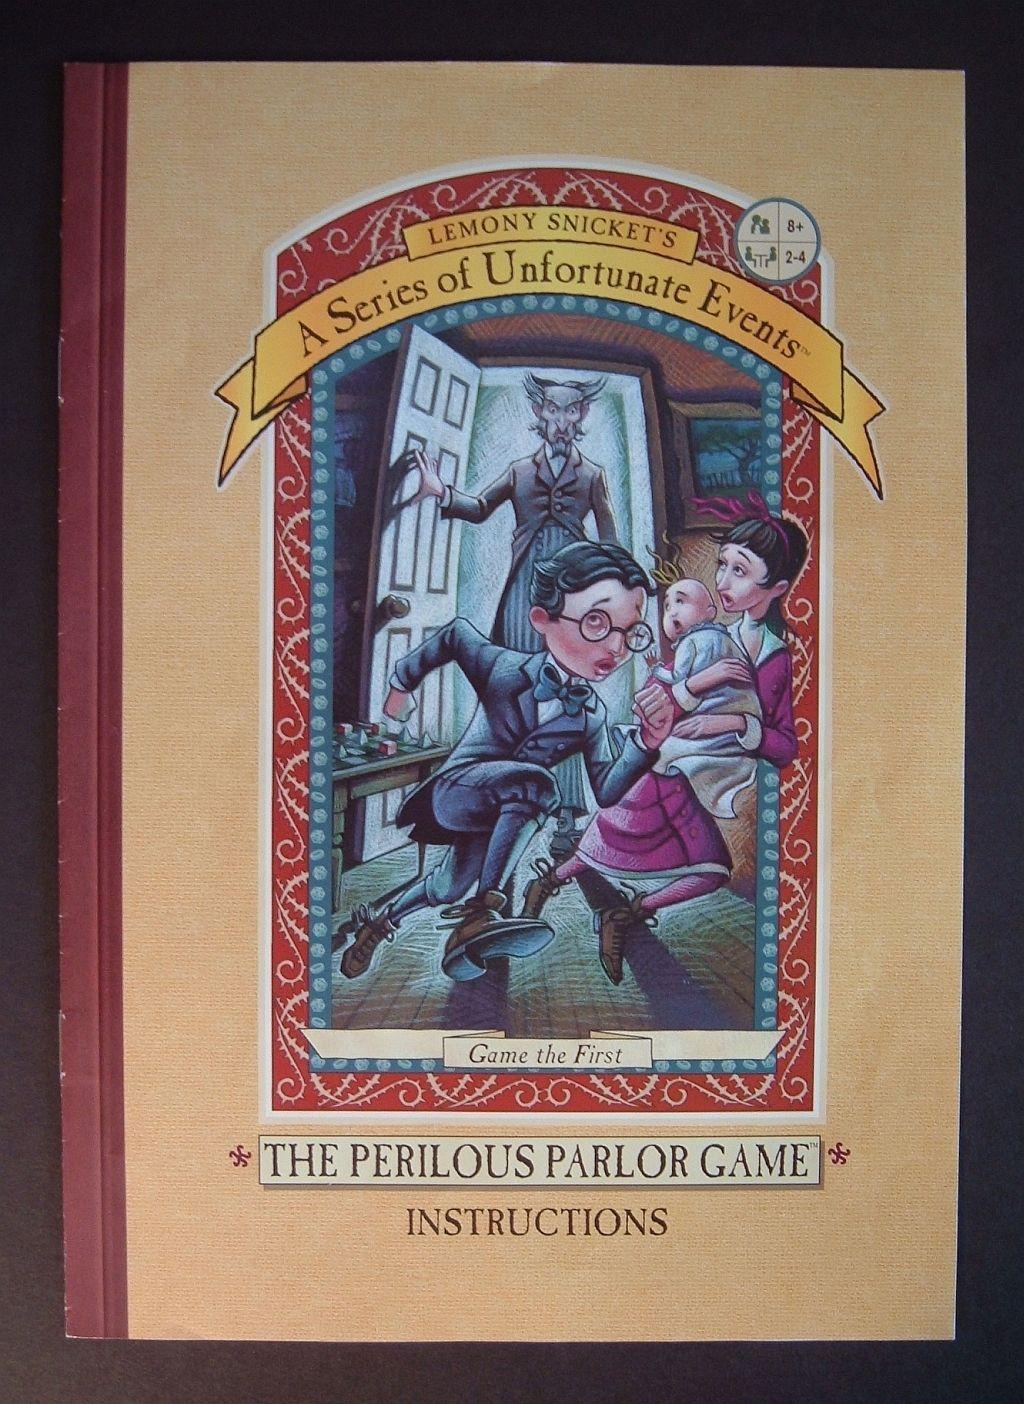 настольная игра The Perilous Parlor Game Опасная домашняя игра